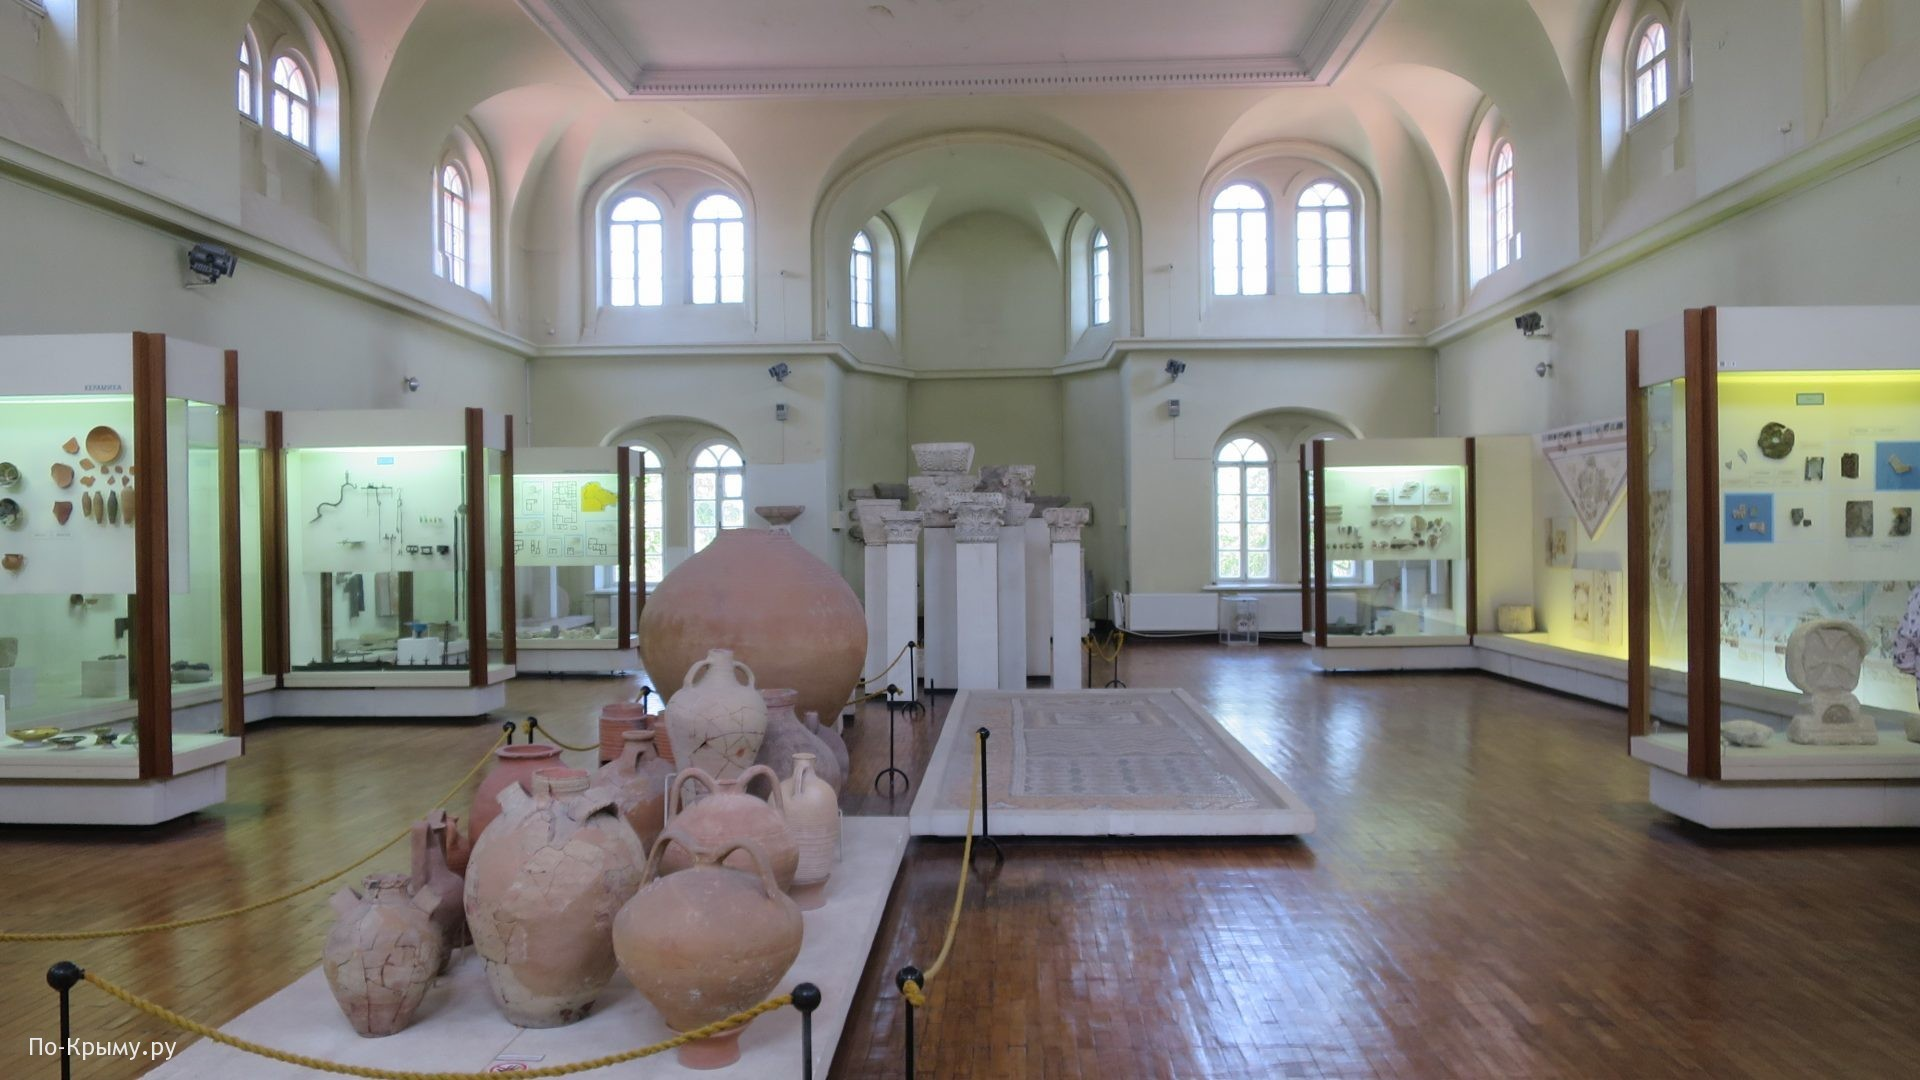 Херсонесский византийский музей